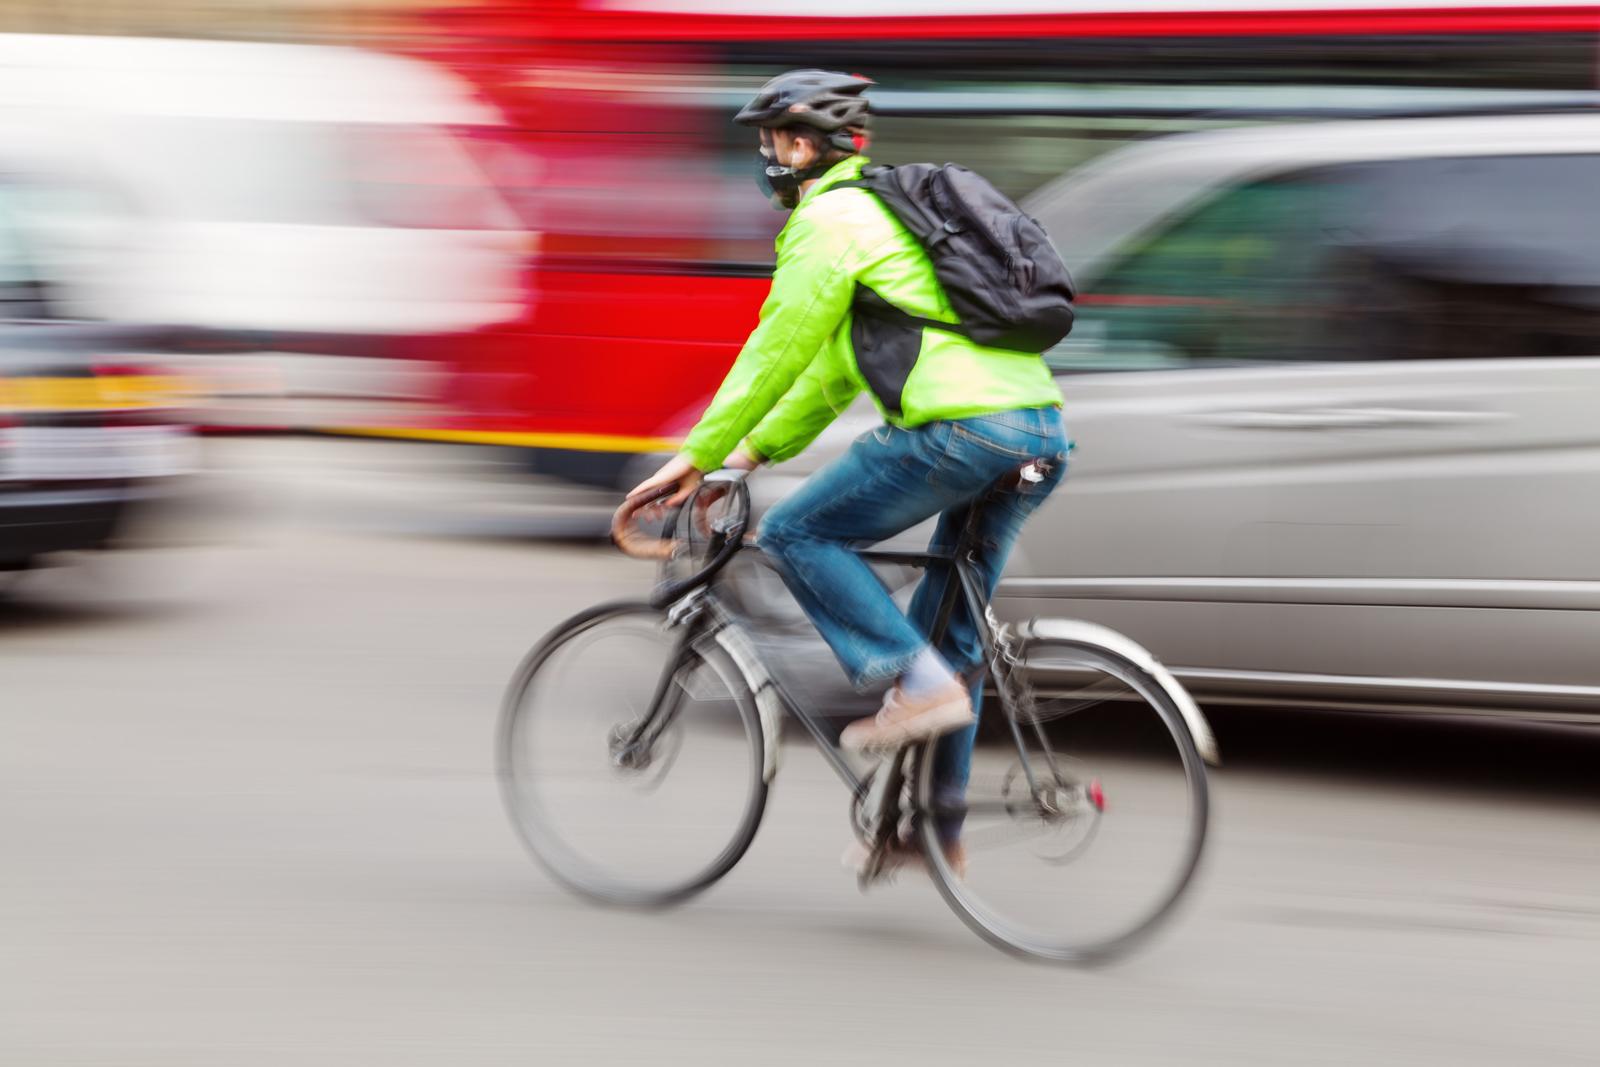 По какой стороне дороги должны двигаться велосипедисты